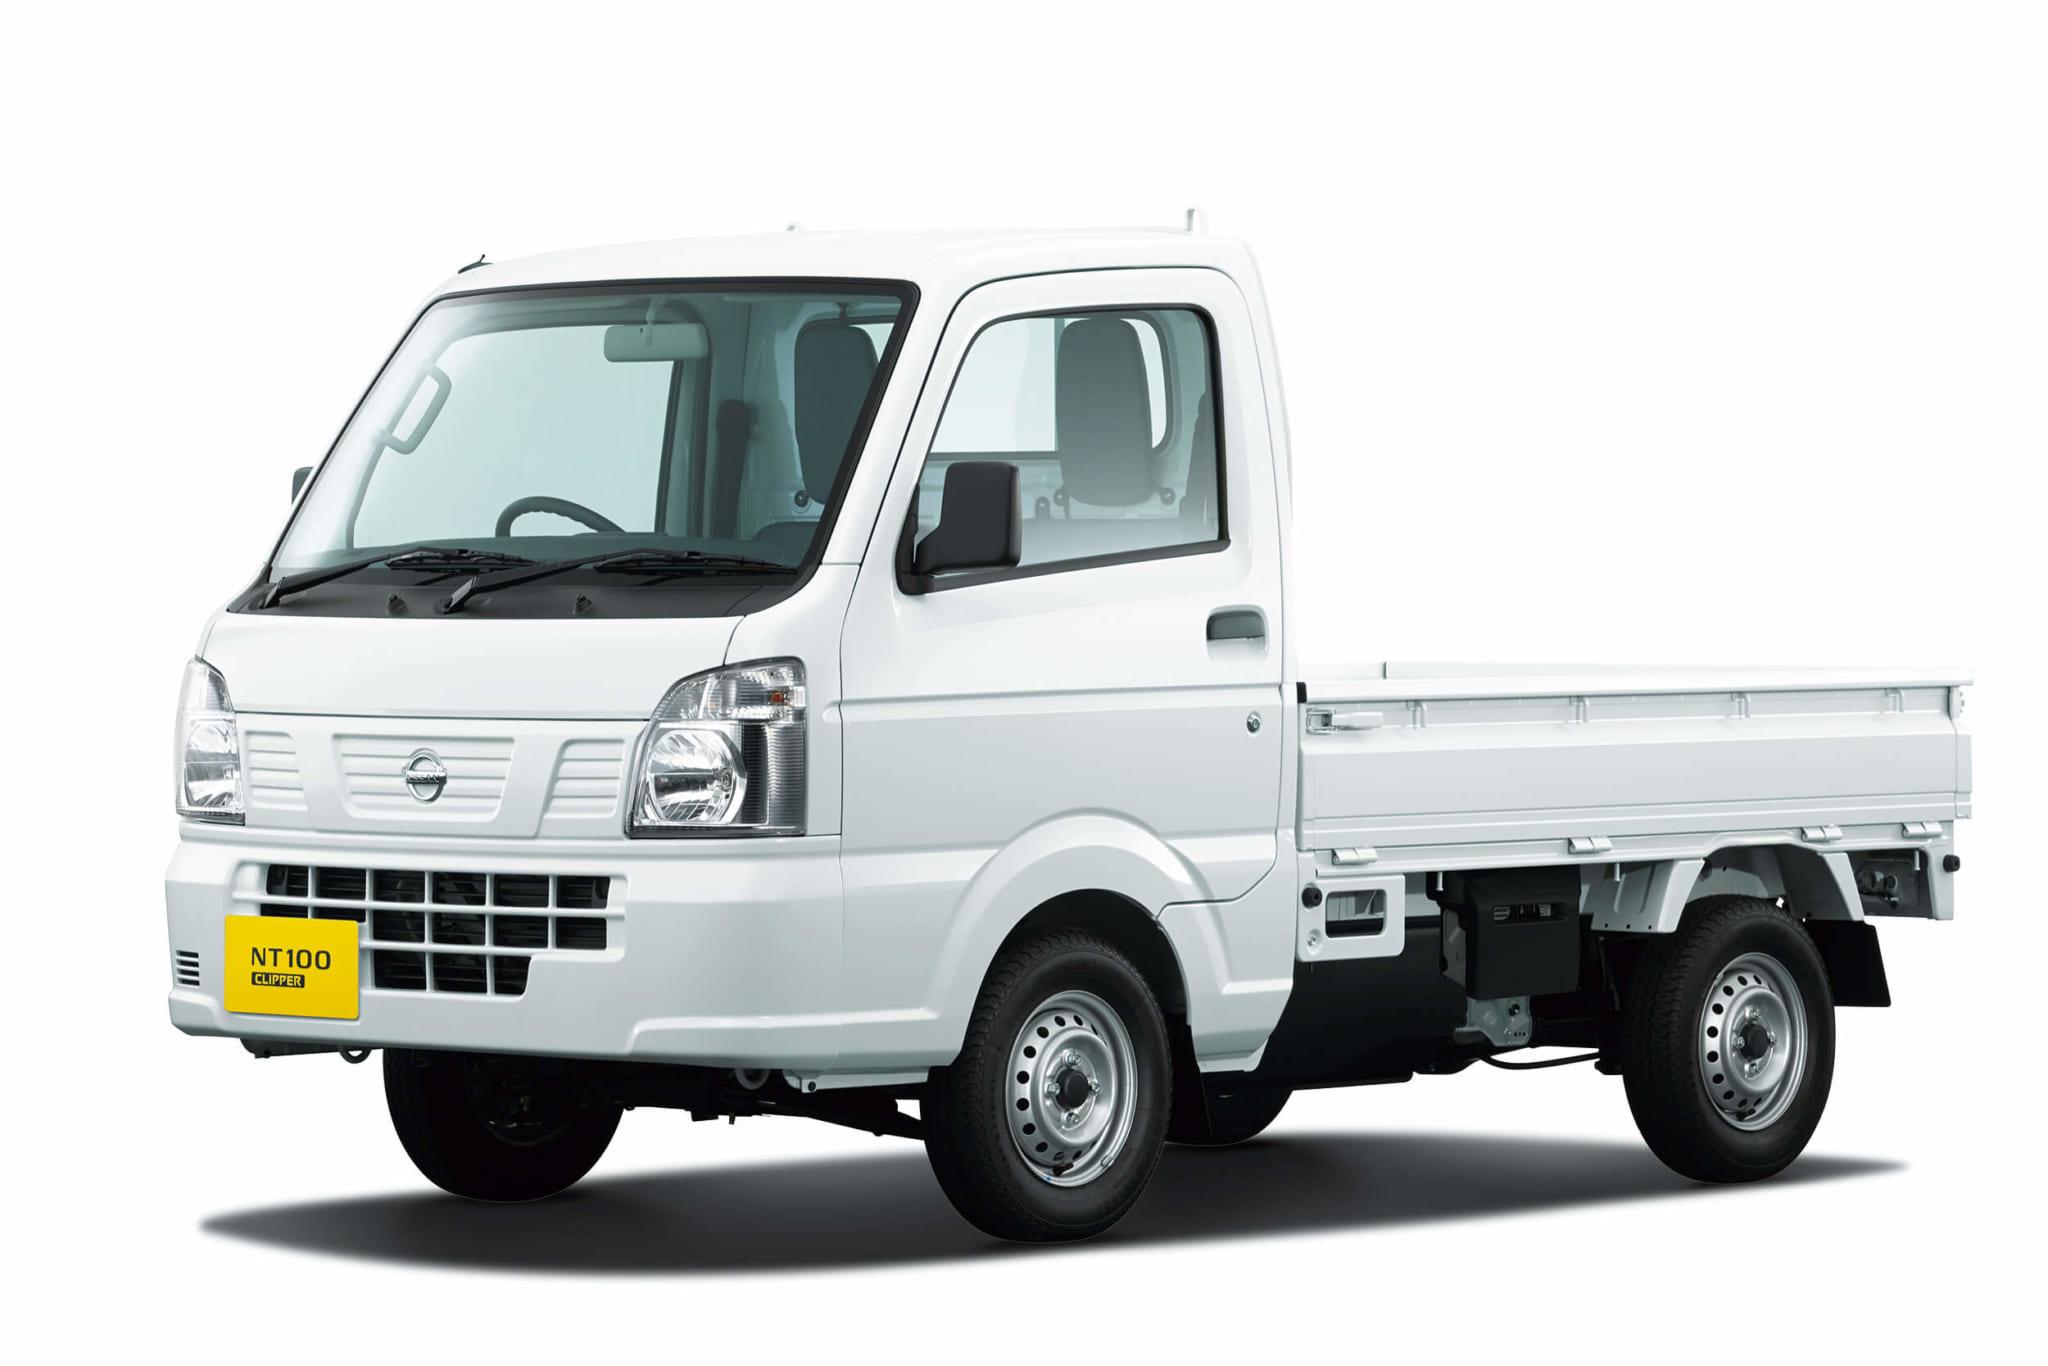 中古車人気ランキング 2019 日産 NT100クリッパー